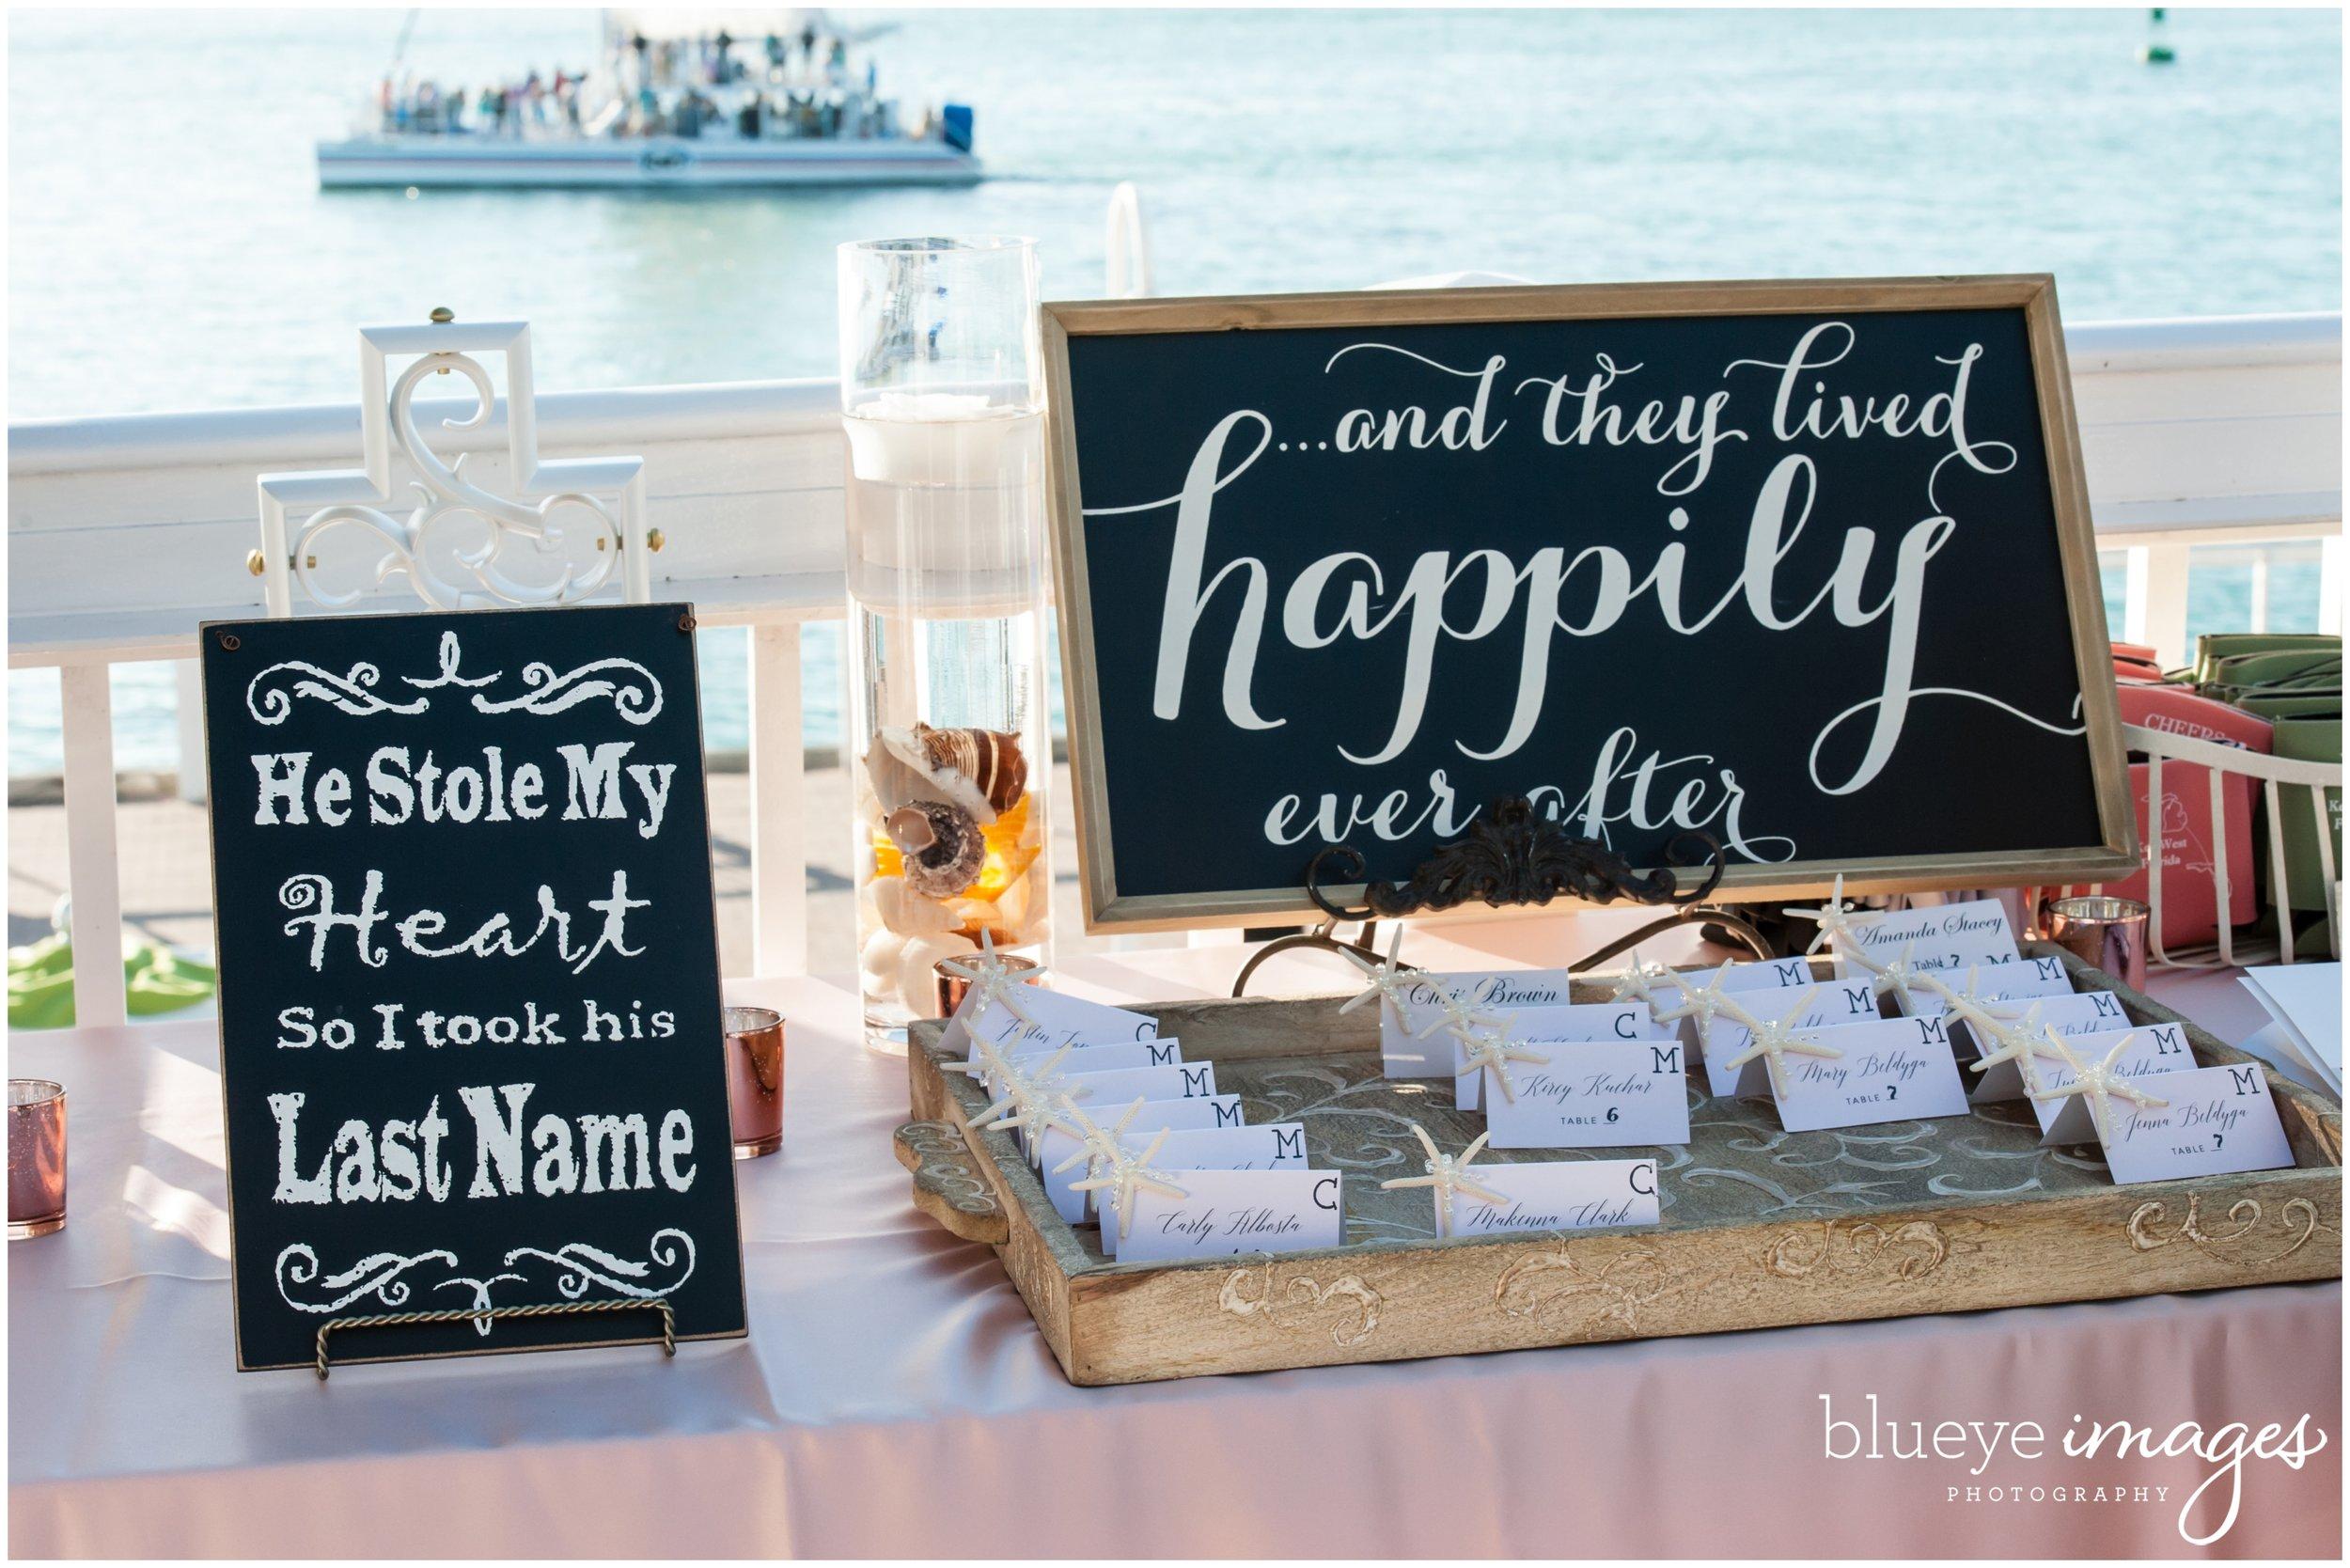 Key West Wedding   Basilica of Saint Mary + Margaritaville Resort   Blueye Images + Soiree Key West